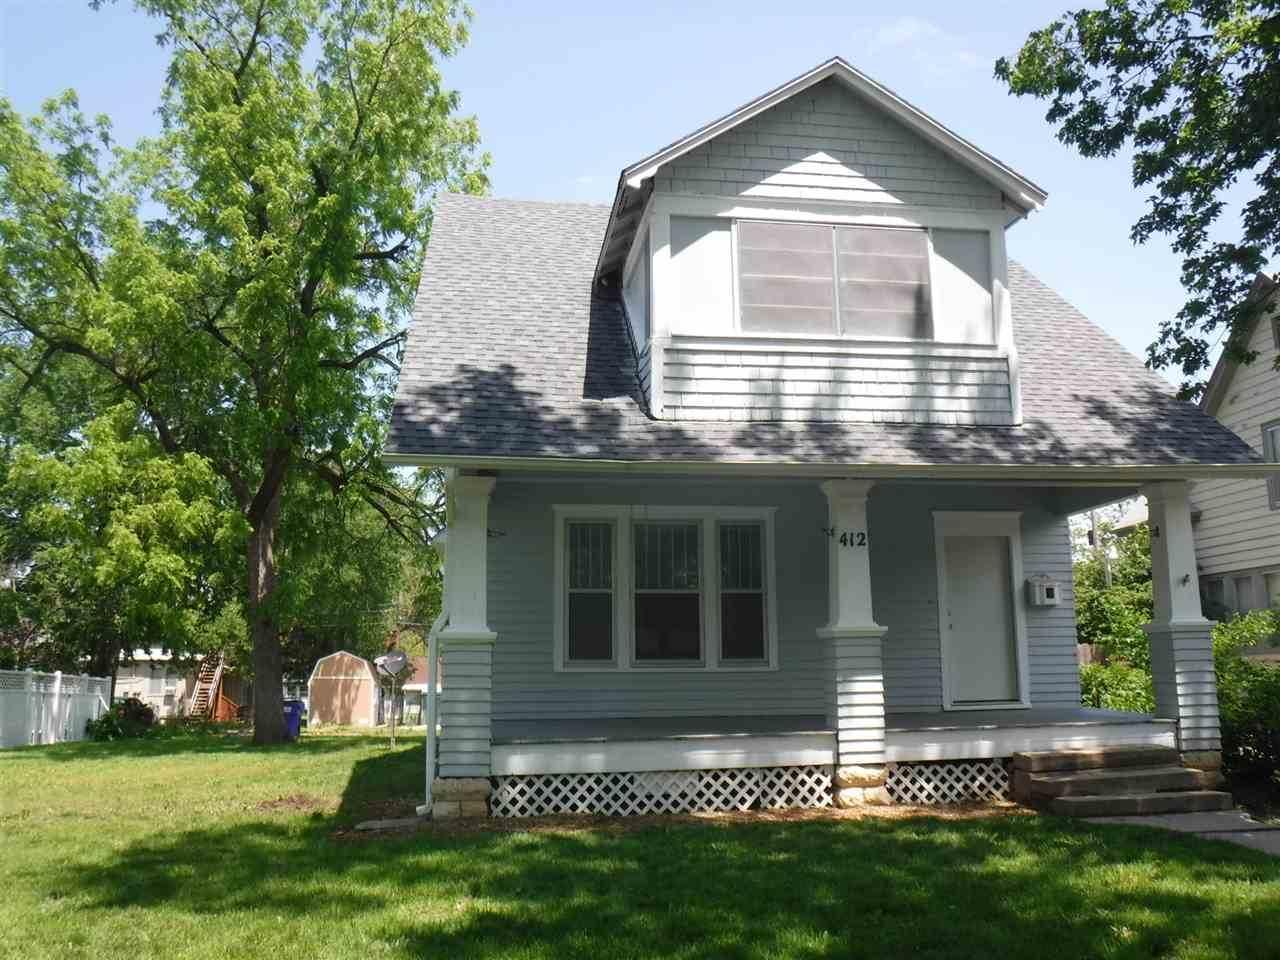 412 W Chestnut St, Junction City, KS 66441